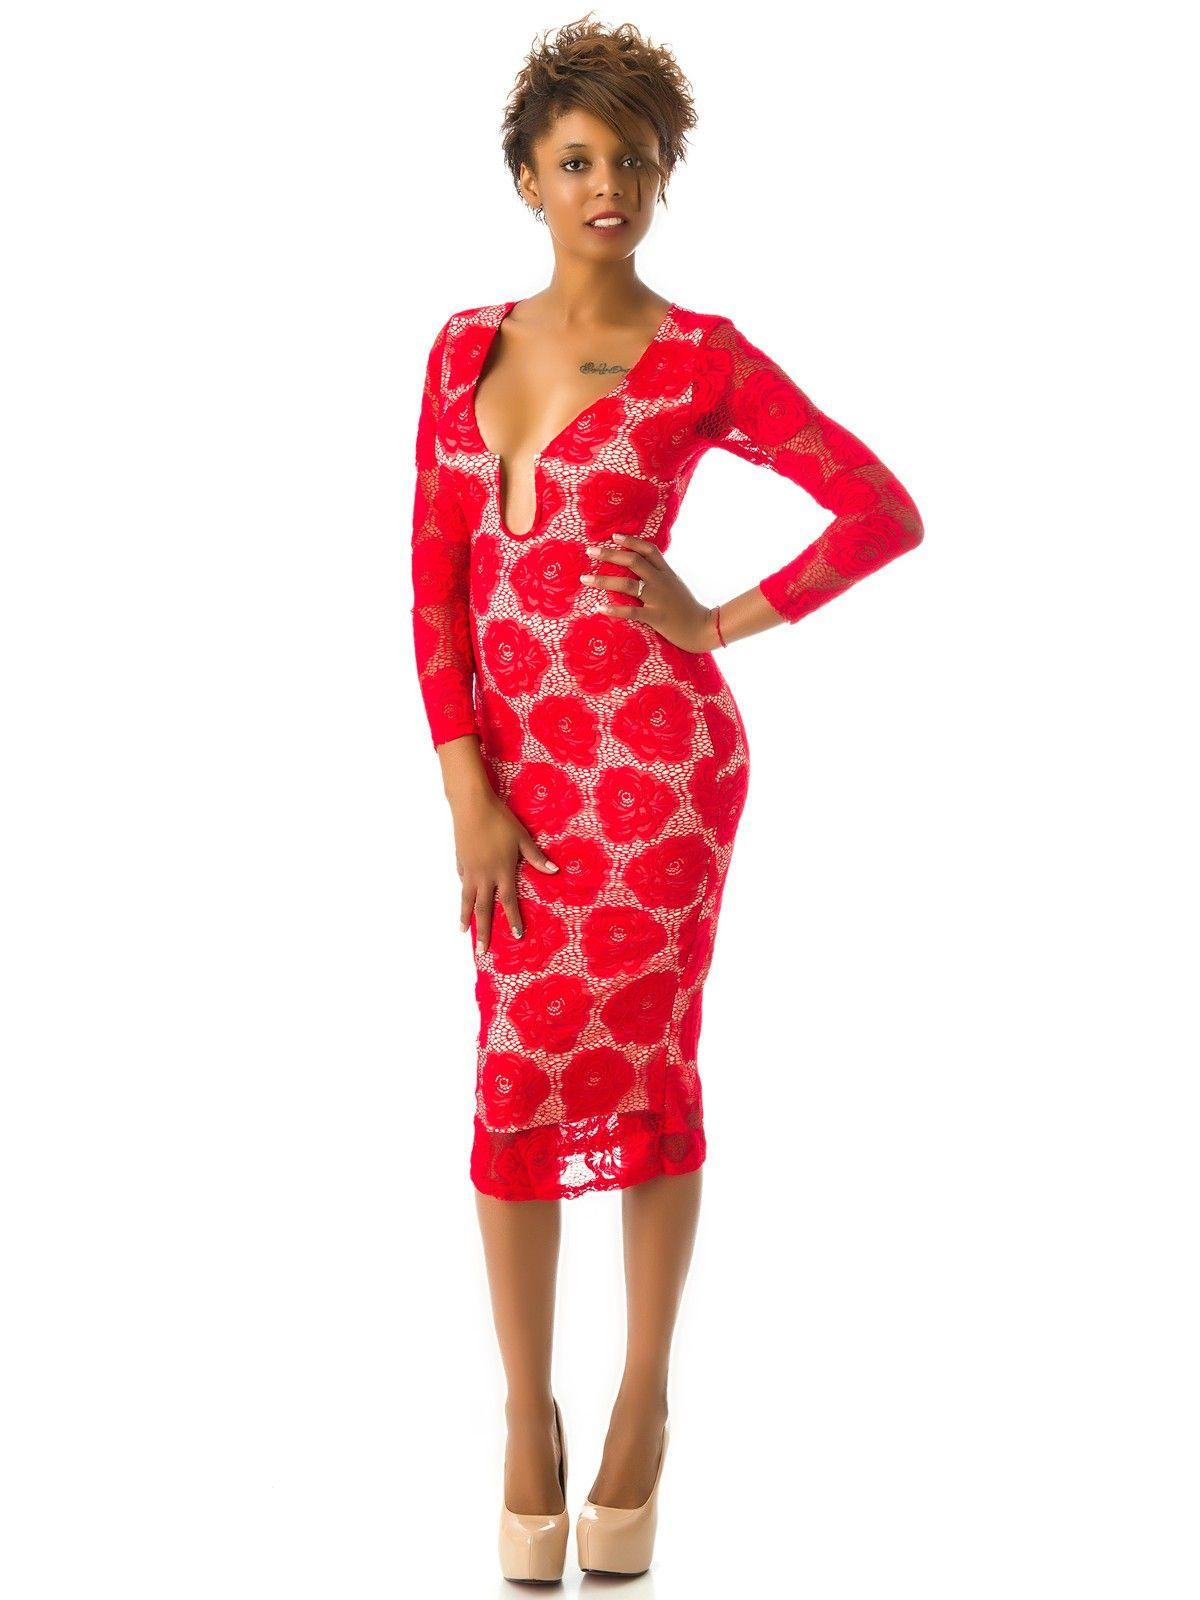 Vestido de Manga Larga Rojo con Encaje MS1704